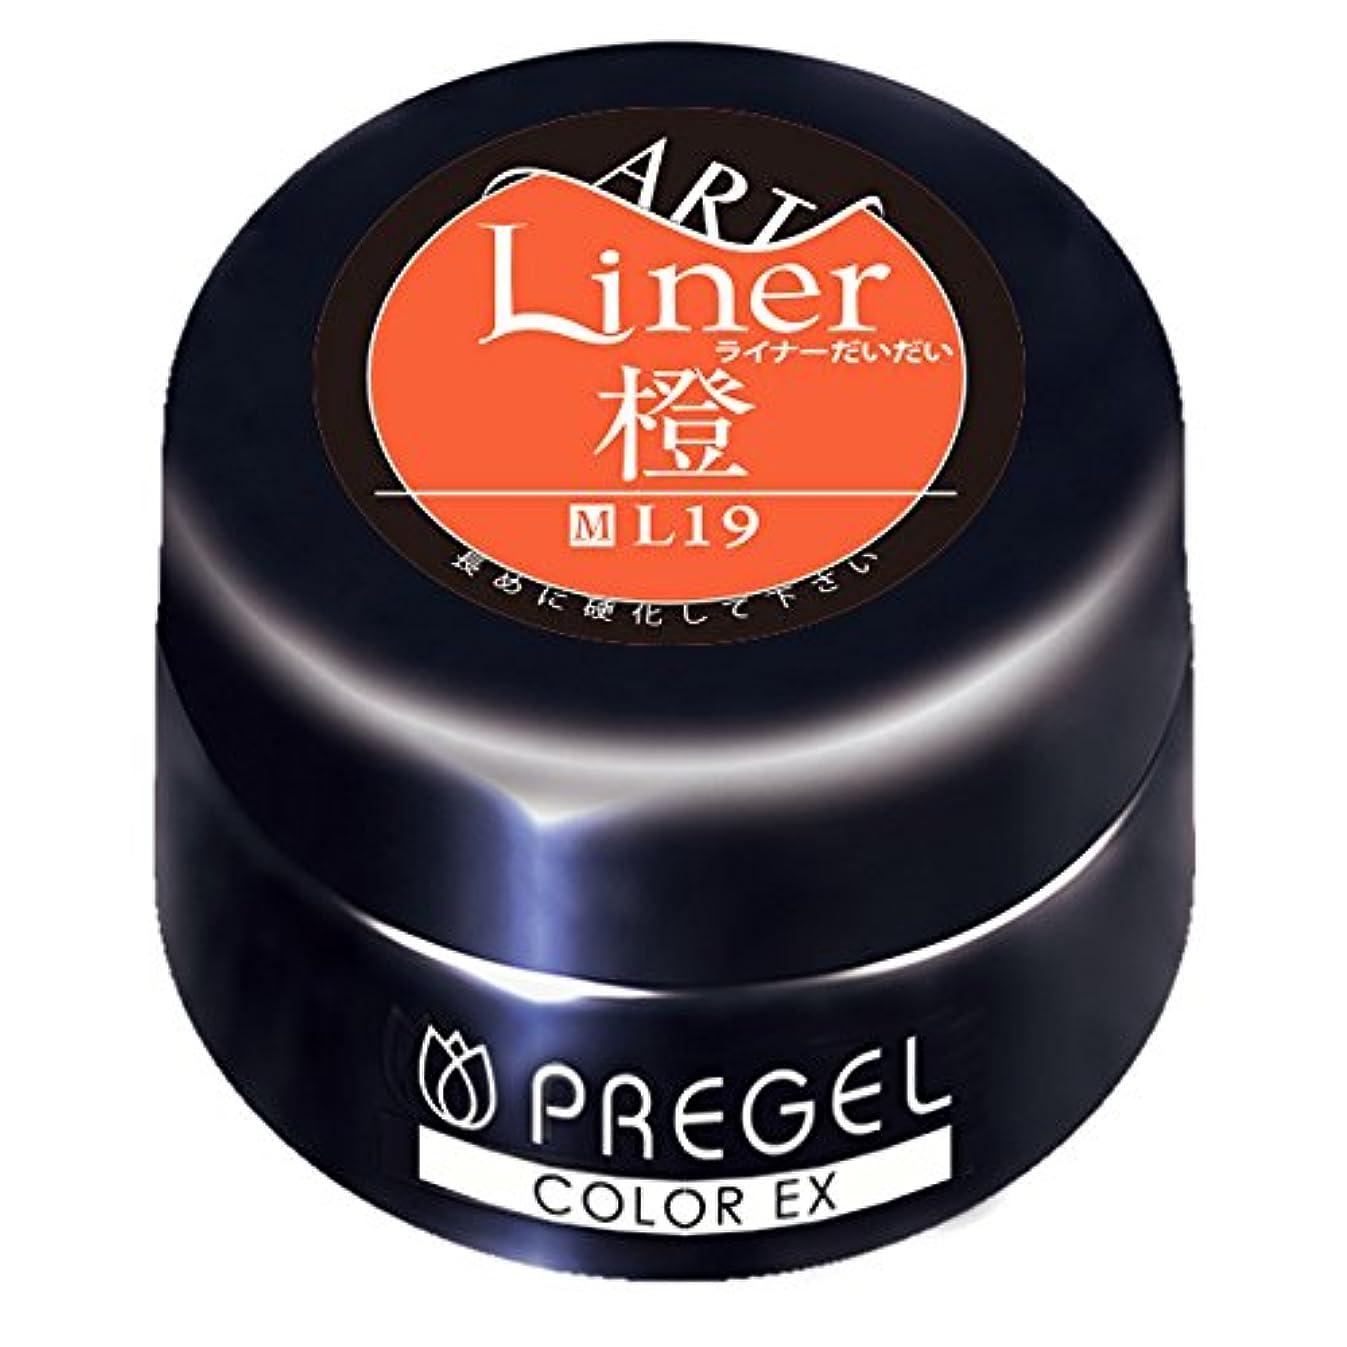 敗北恵み羊飼いPRE GEL カラーEX ライナー橙19 4g UV/LED対応